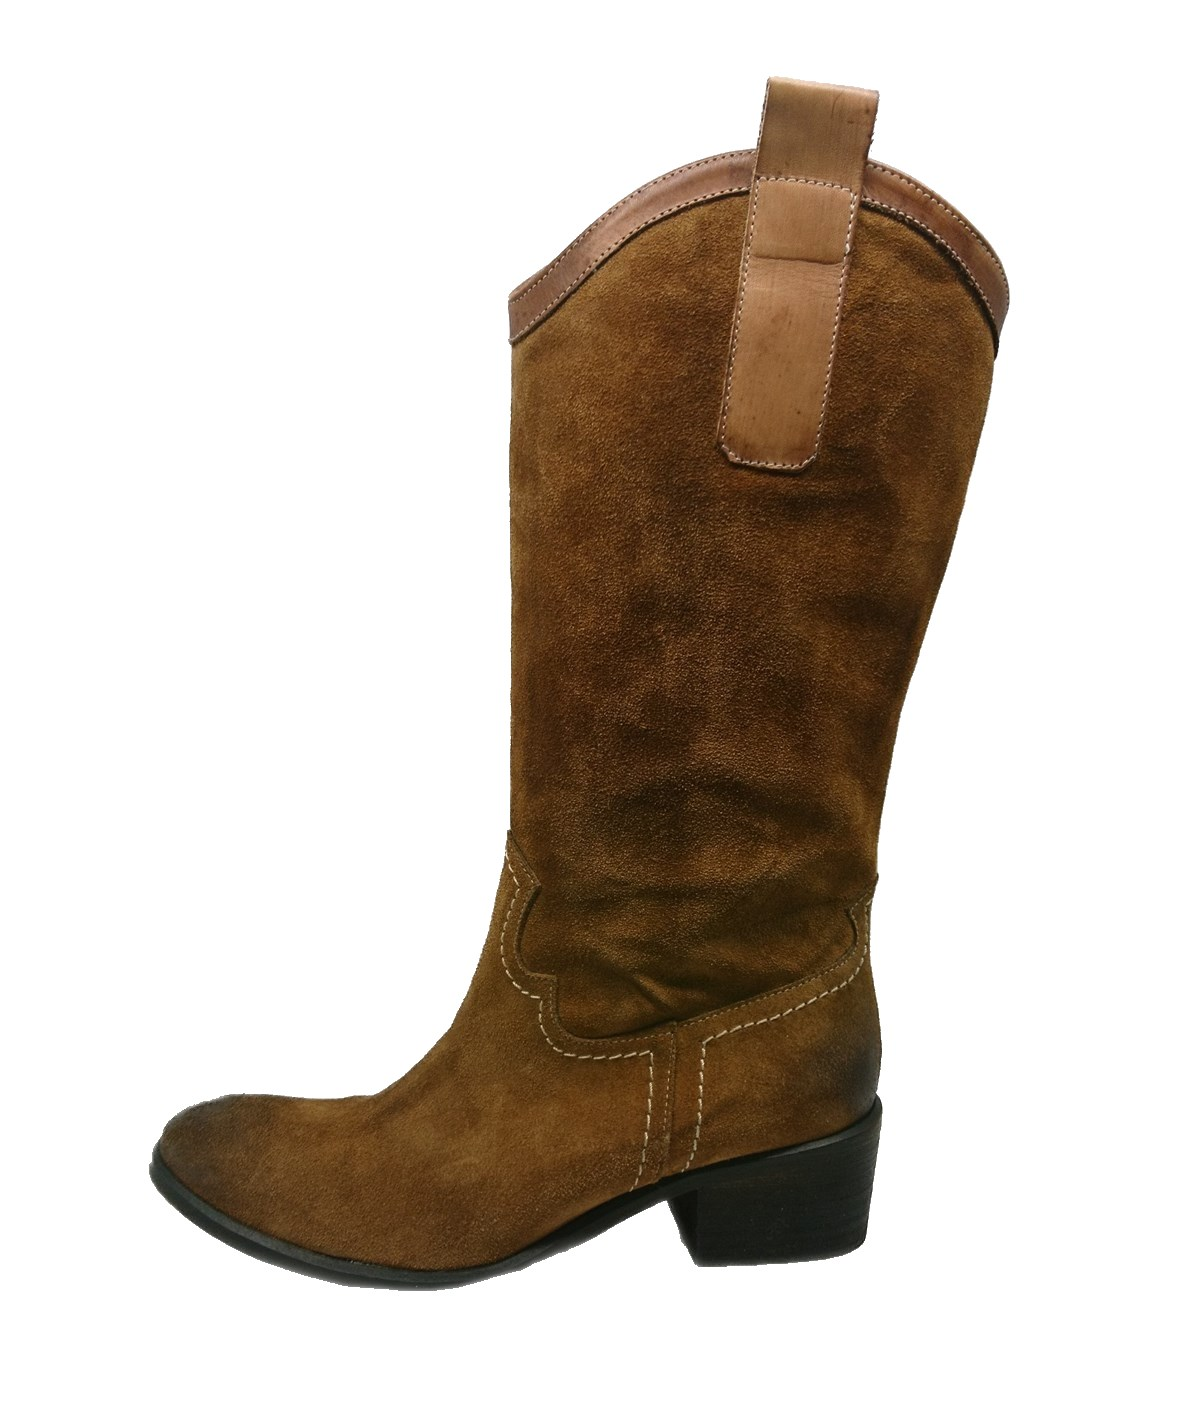 Γυναικείες μπότες western style γνήσιο δέρμα modello 20800 by exe.